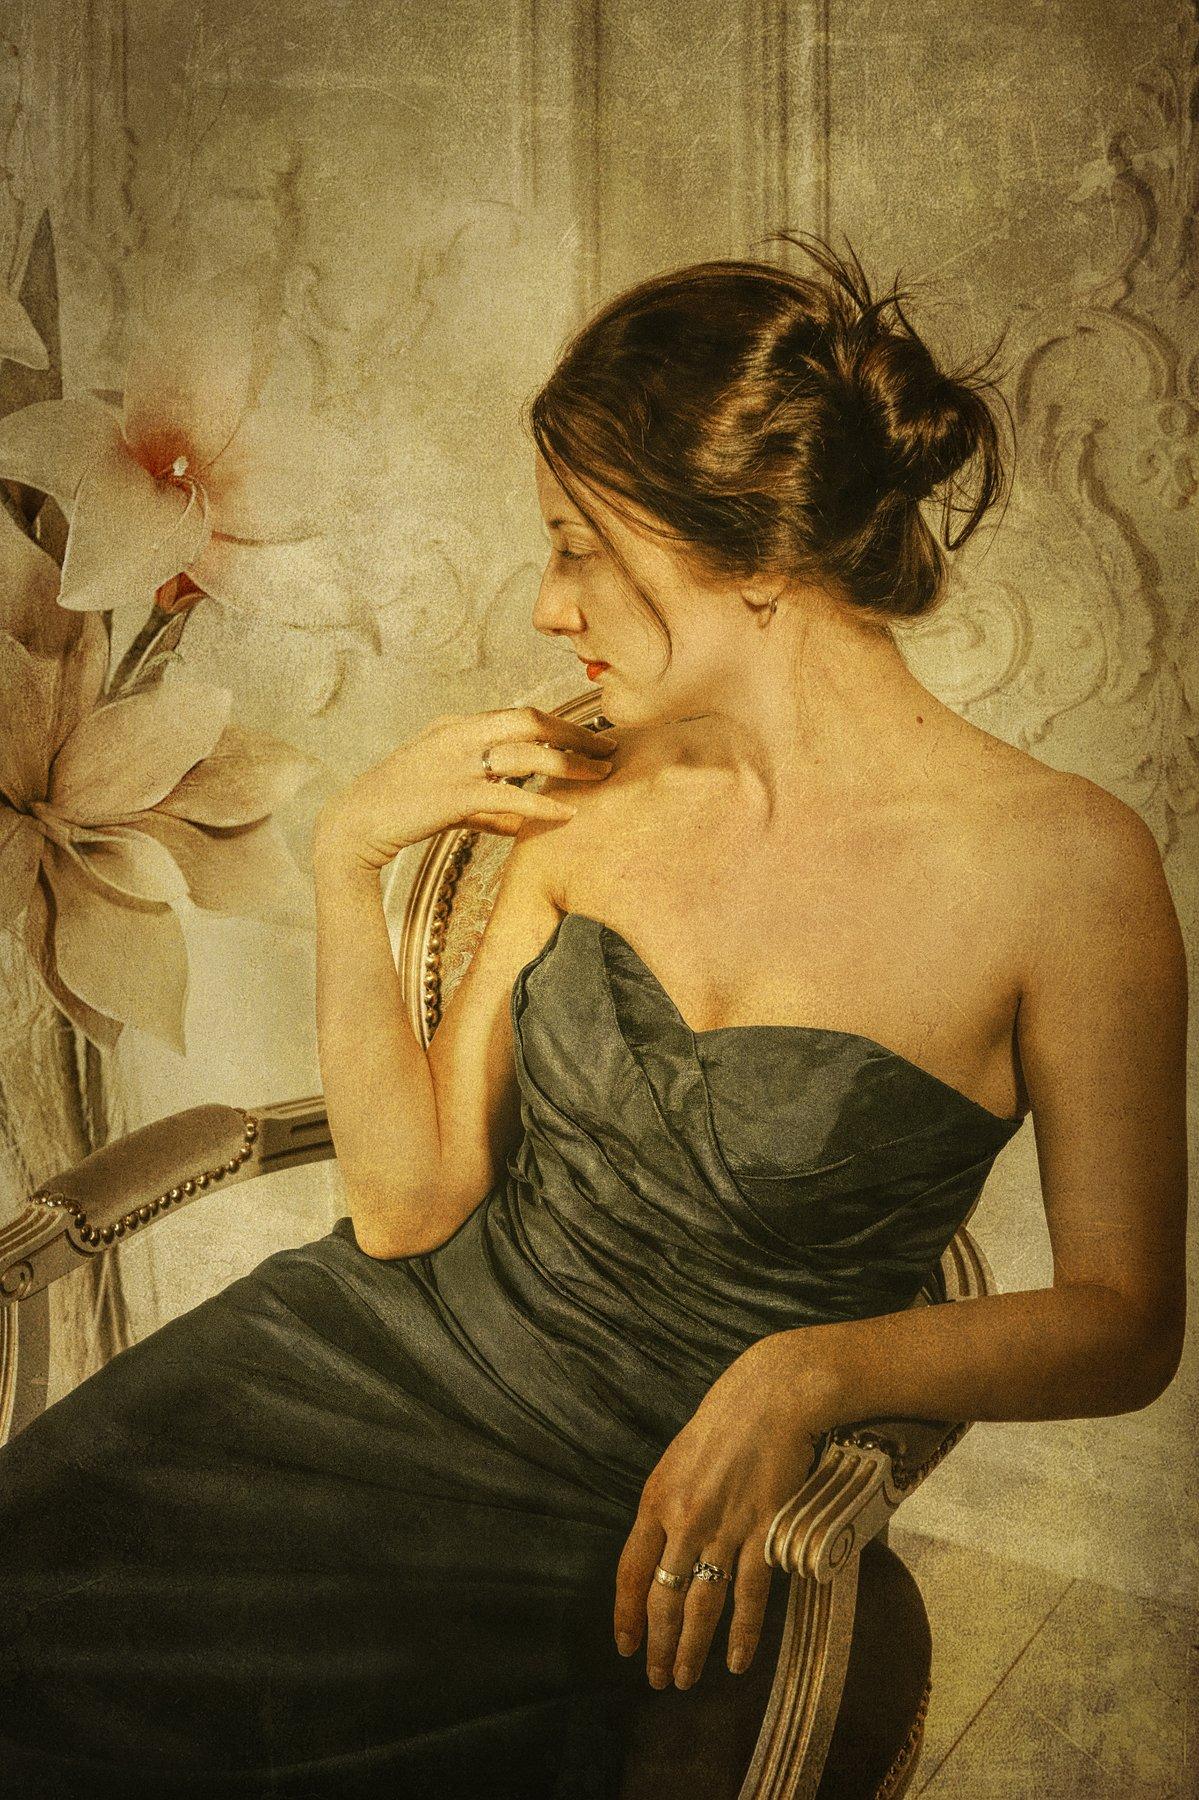 девушка портрет цветы старое фото гламур, Андрей Володин